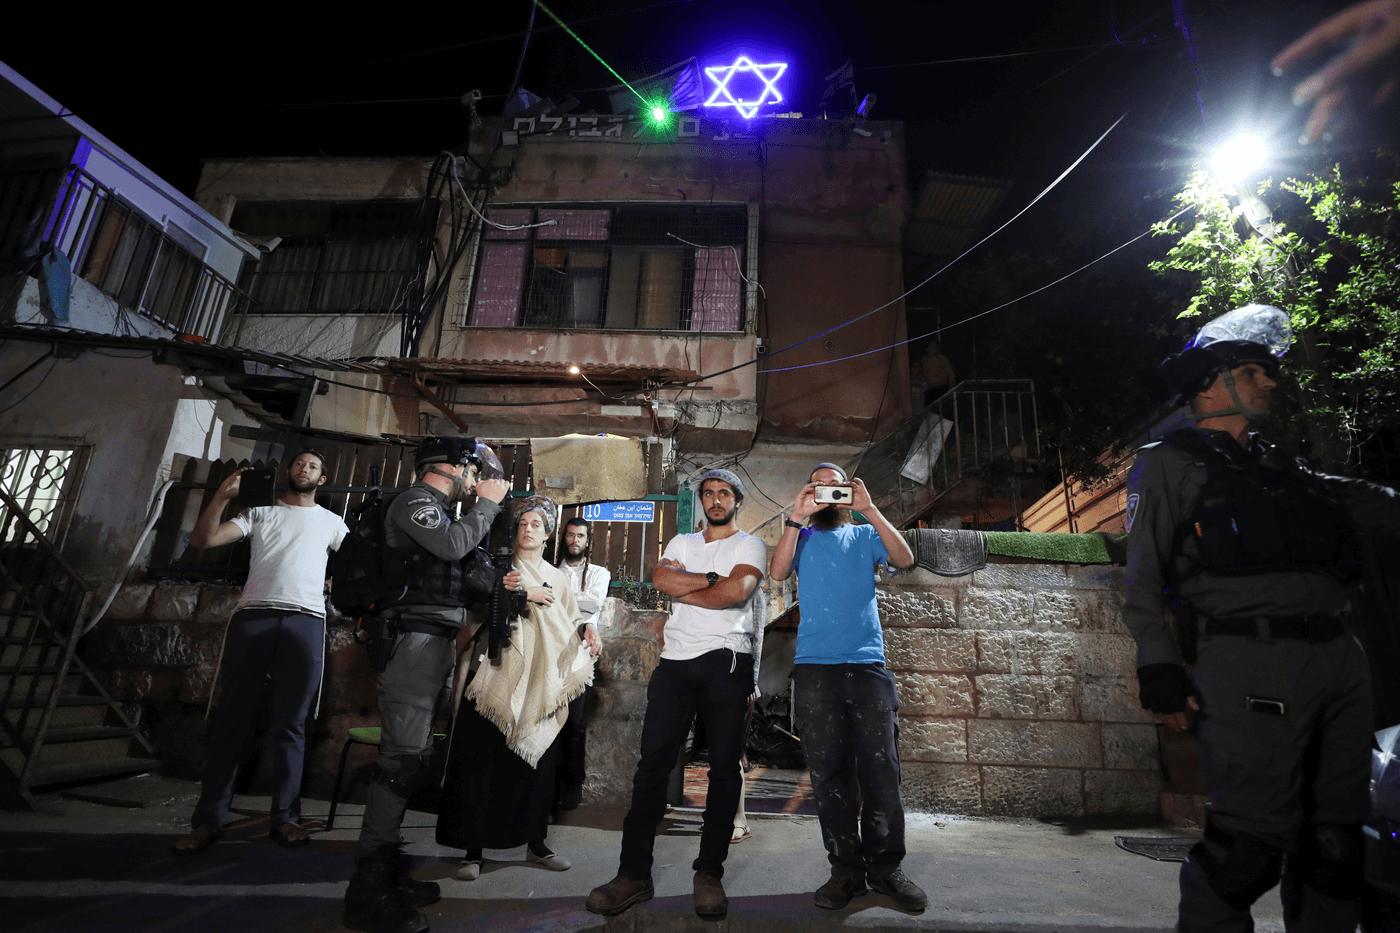 עימותים בשכונת שייח' ג'ראח בתחילת מאי. צילום: רויטרס